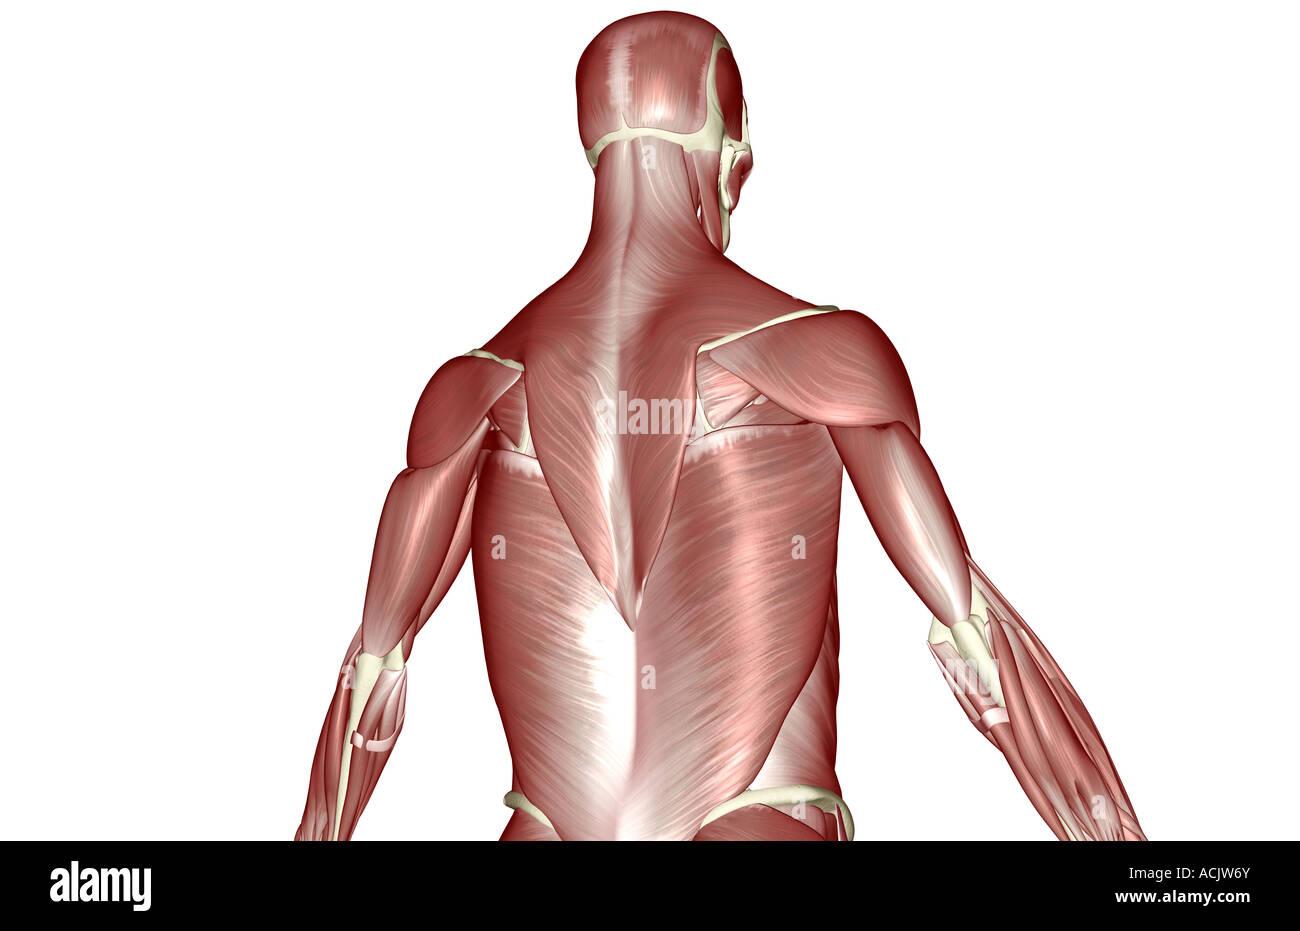 Perfecto Músculos De La Parte Superior Del Cuerpo Regalo - Imágenes ...